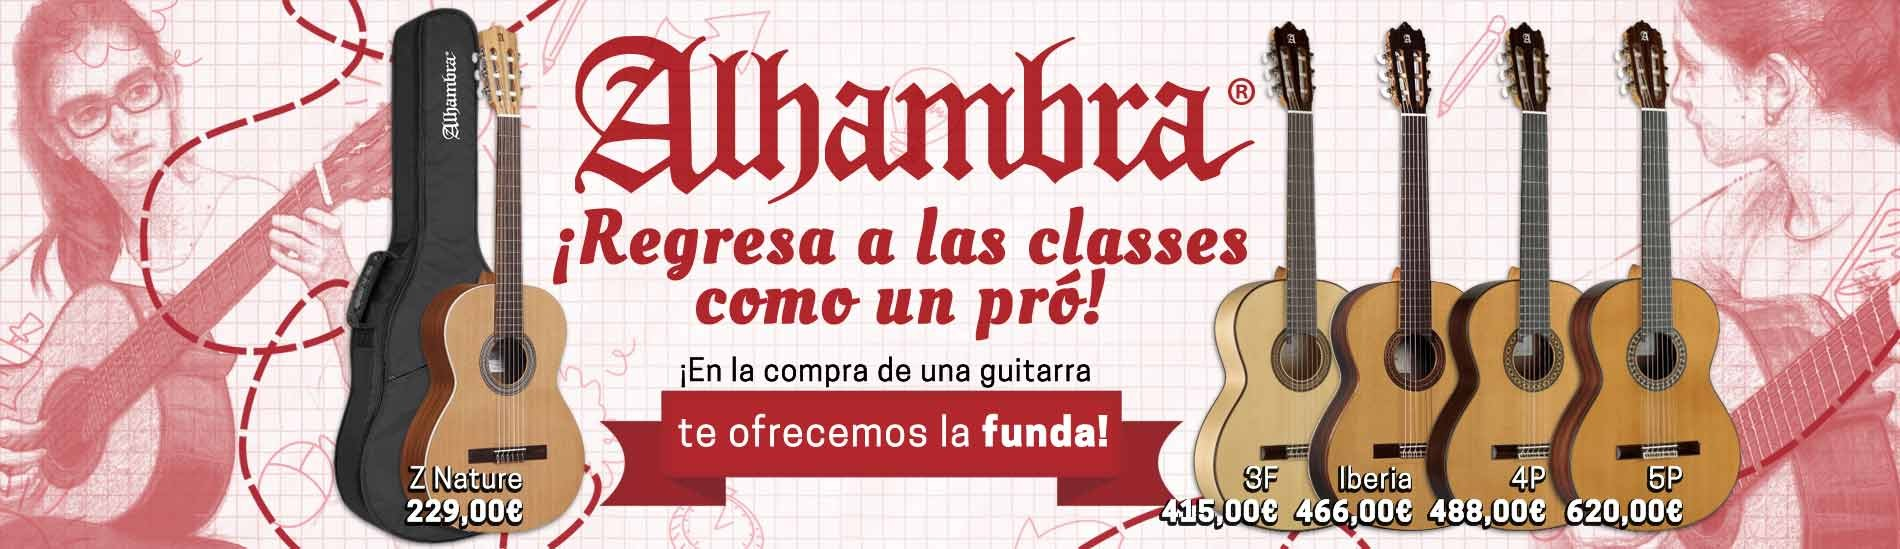 Alhambra - Regresa a las classes como un pro!